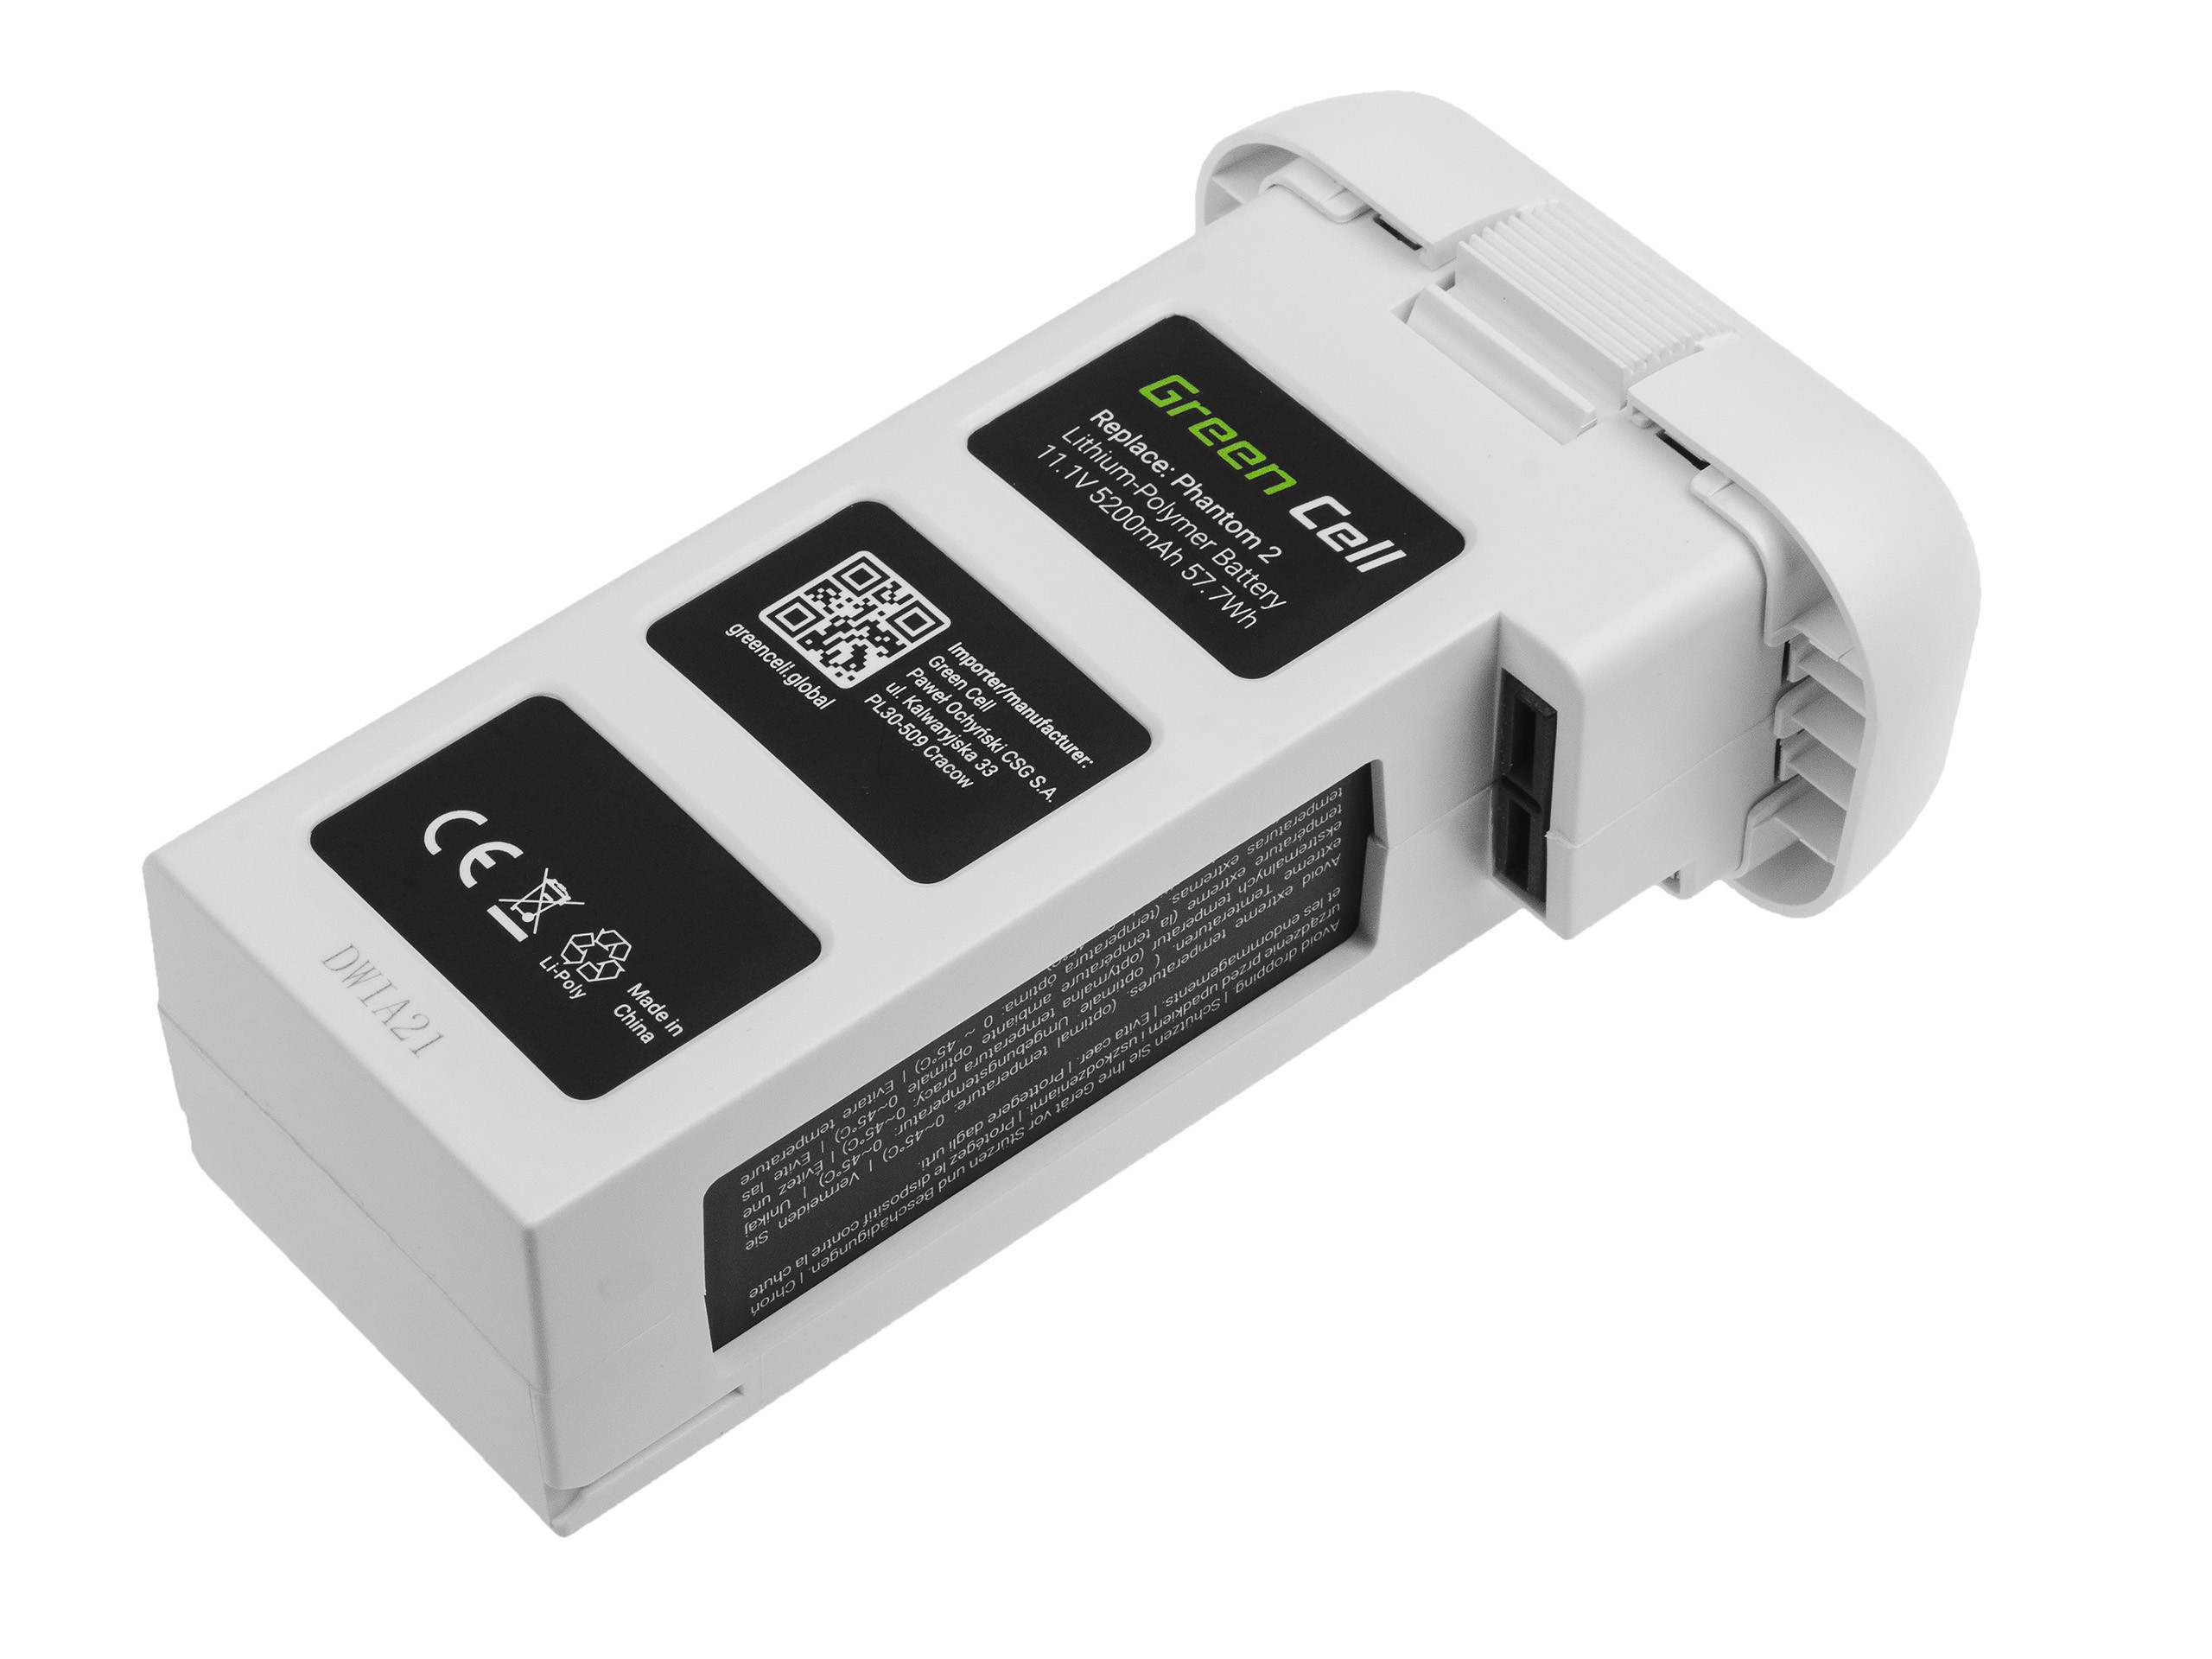 Green Cell Drone Batteri för DJI Phantom 2, Phantom 2 Vision + 11.1V 5200mAh 57.7Wh